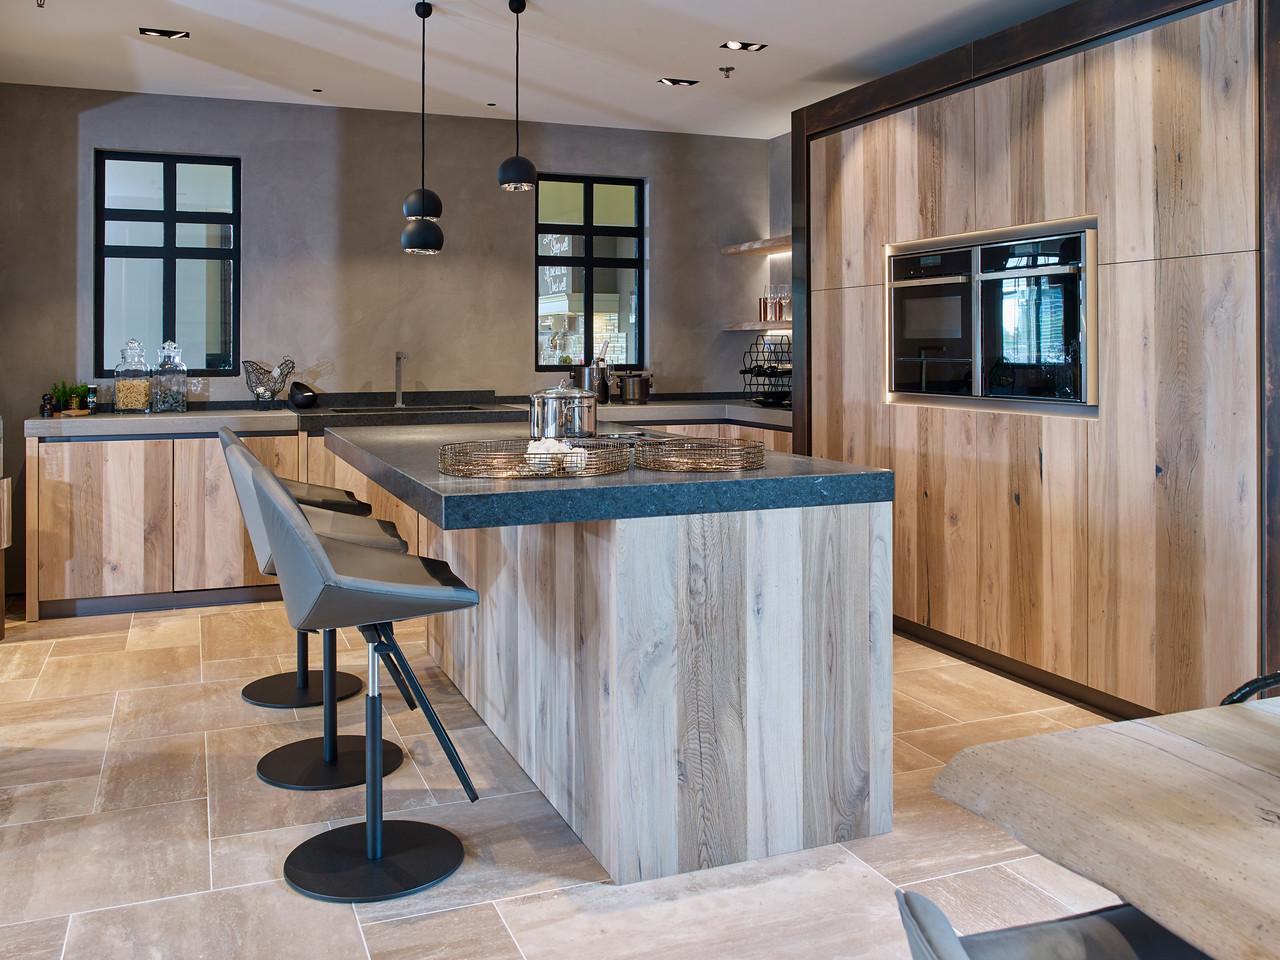 Tieleman Keukens - houten keuken met kookeiland #keuken #kookeiland #keukeninspiratie